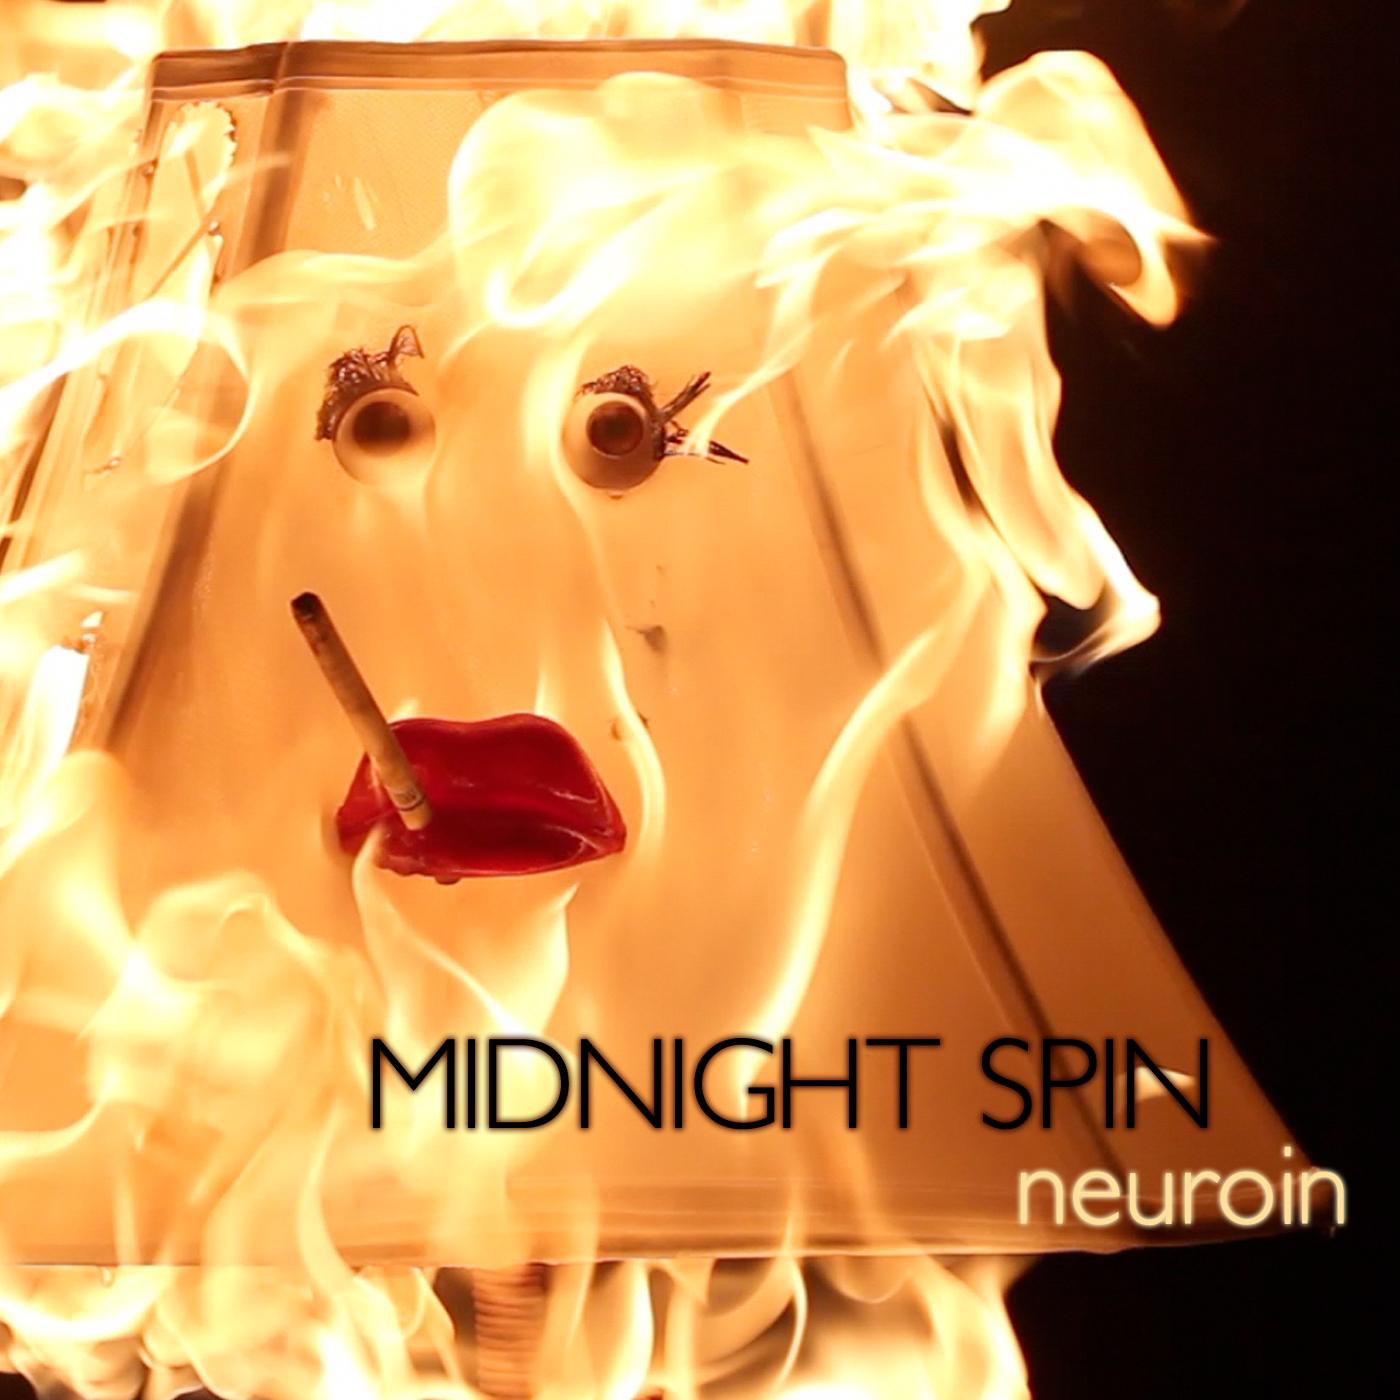 Midnight Spin - Neuroin.jpg